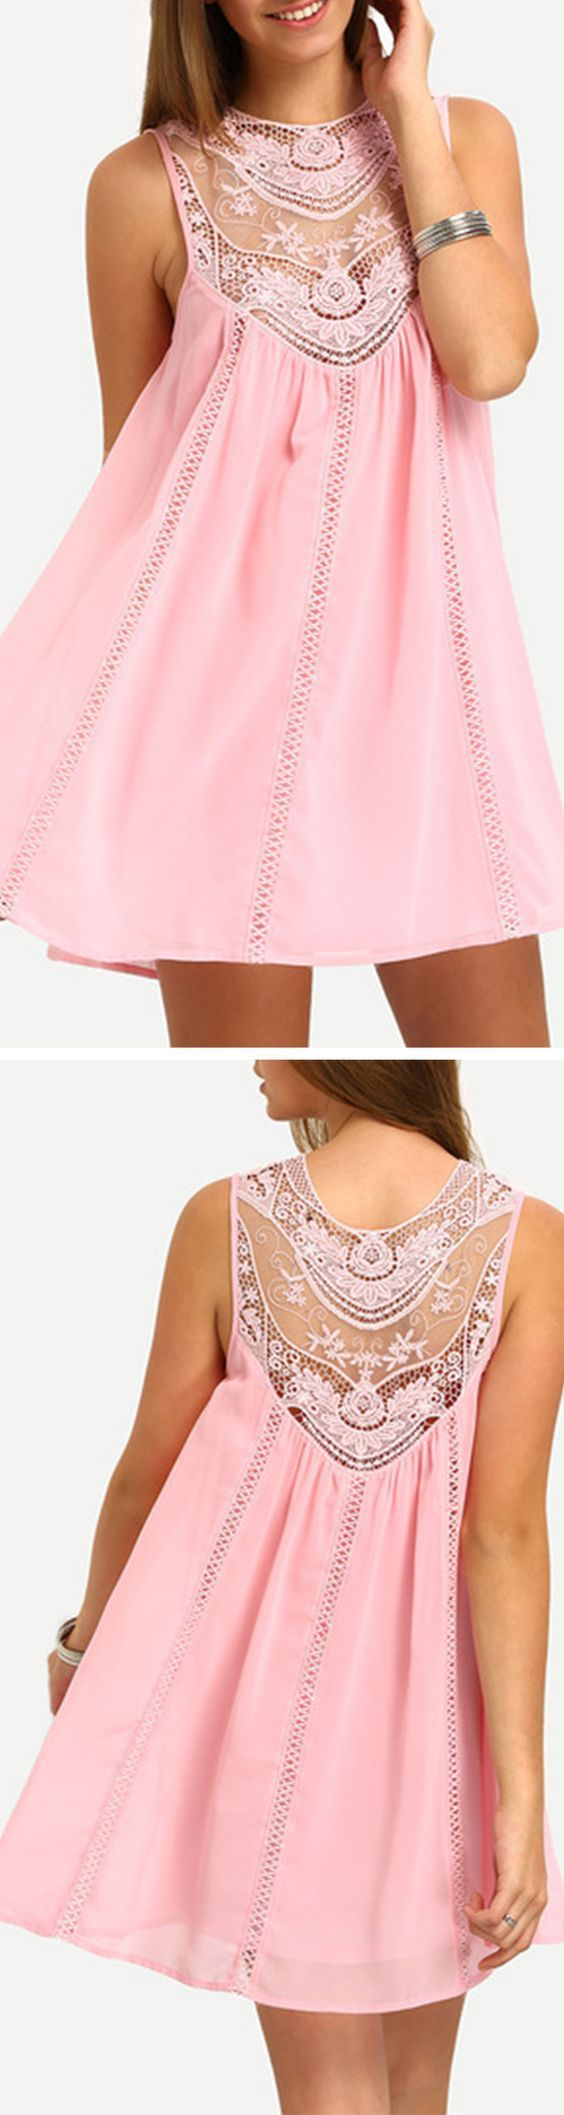 vestidos cortos para embarazadas | patrones | Pinterest | Vestidos ...